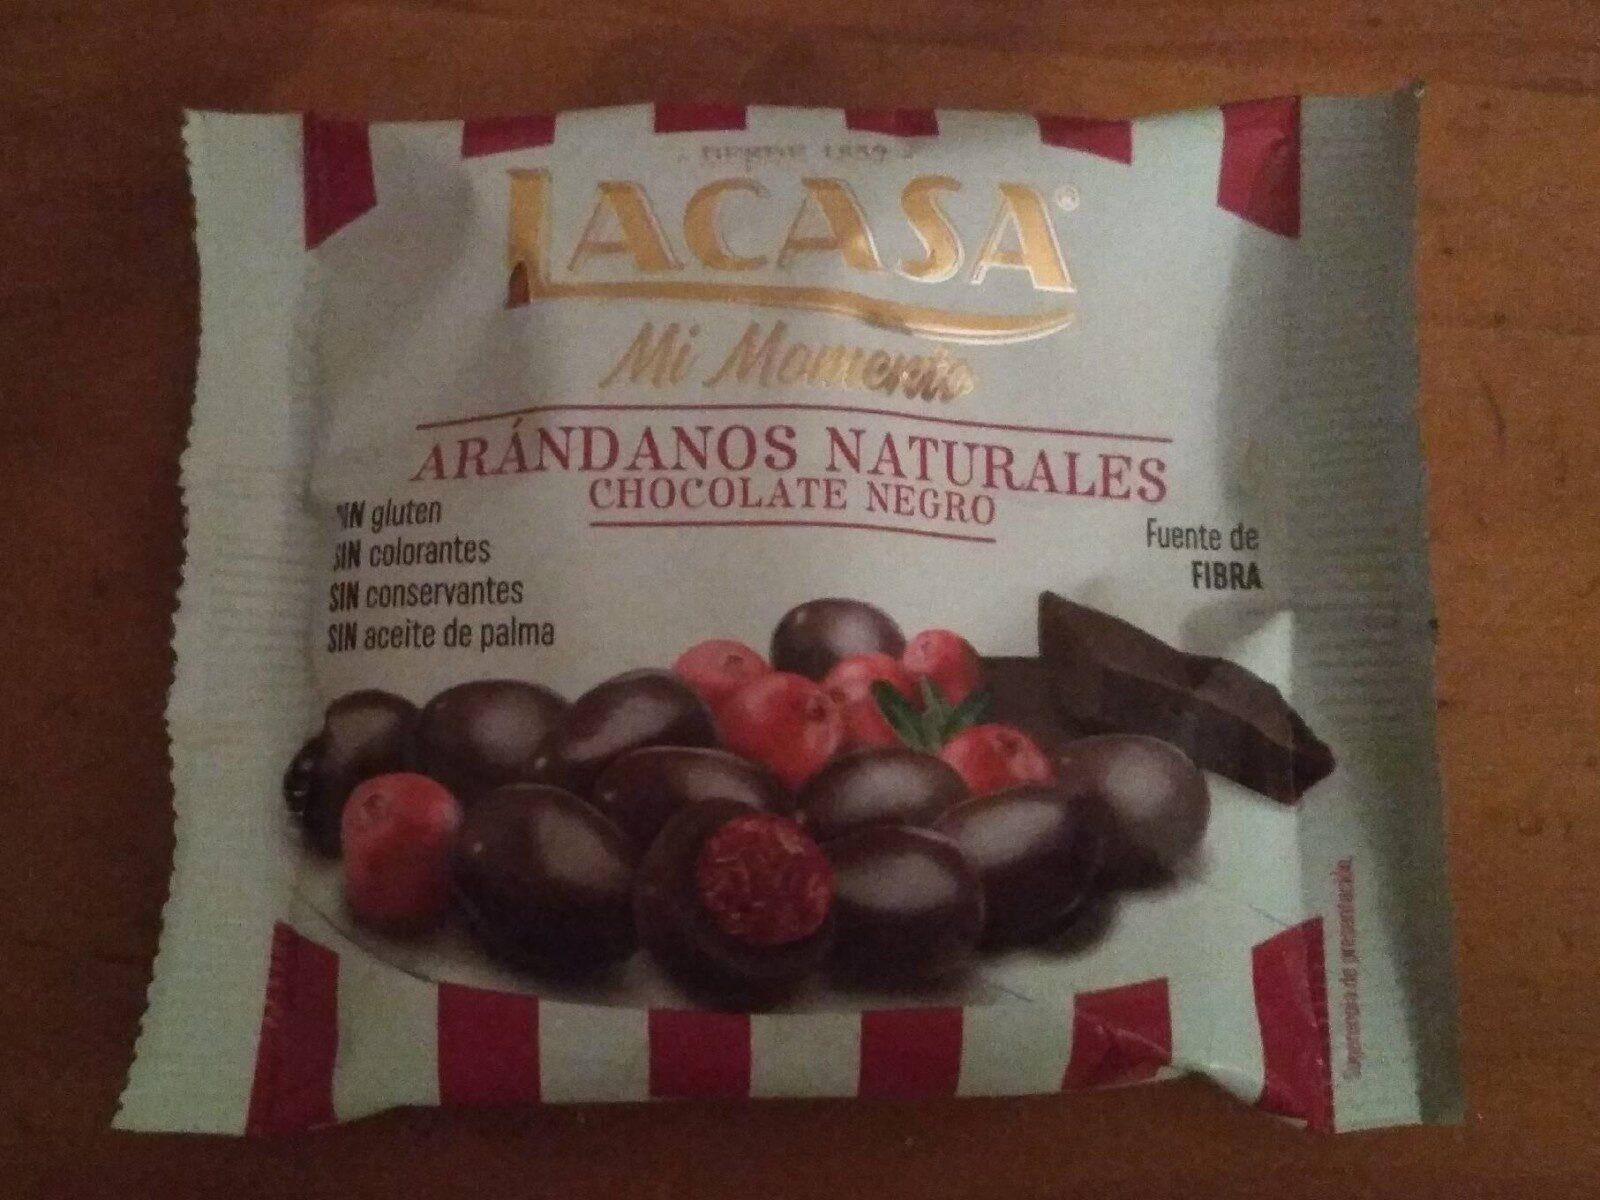 Arándanos Naturales Chocolate Negro - Prodotto - es